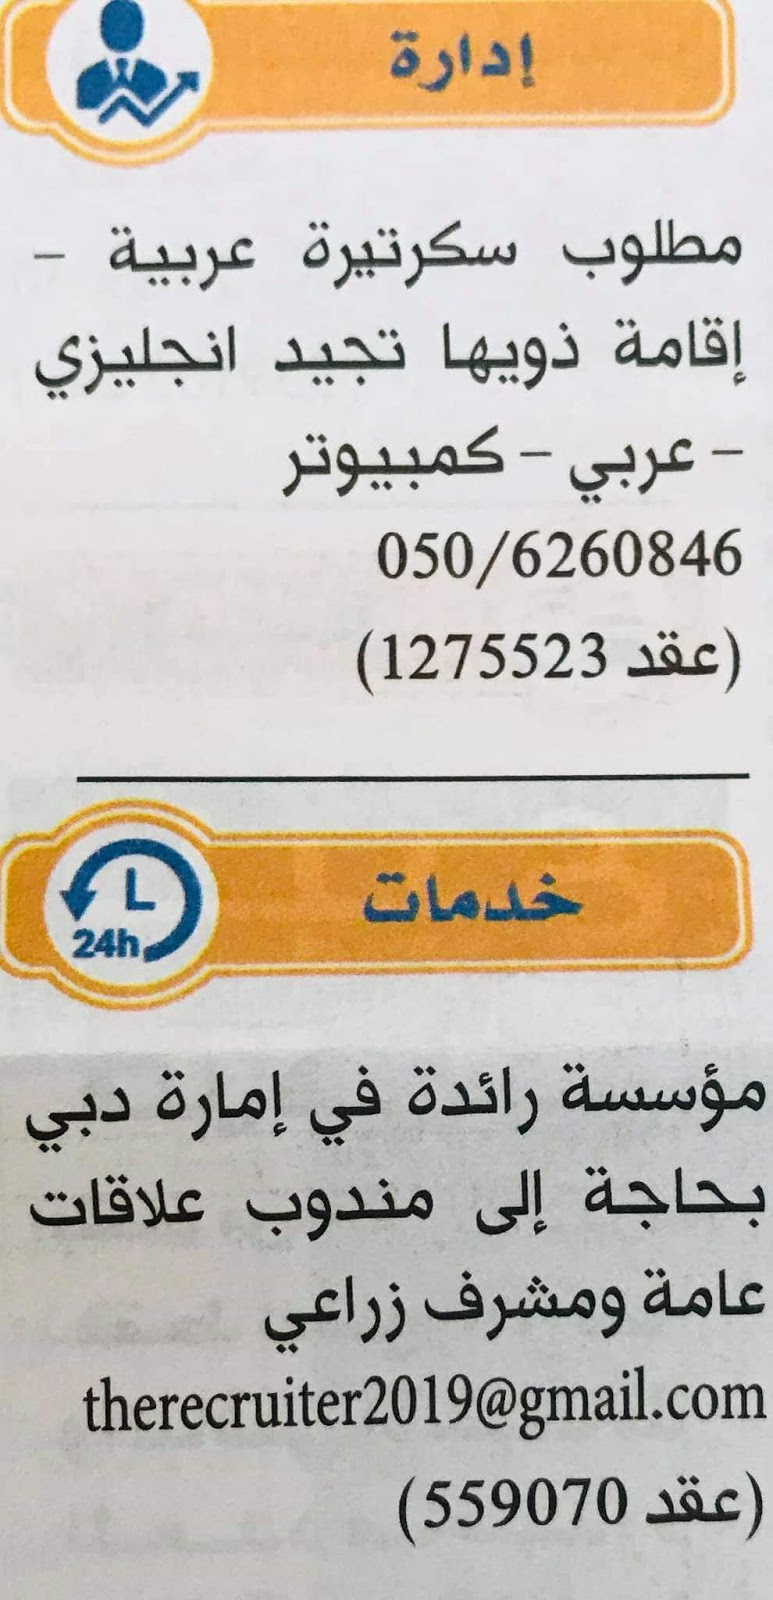 وظائف صحيفه دليل الاتحاد باللغة العربية